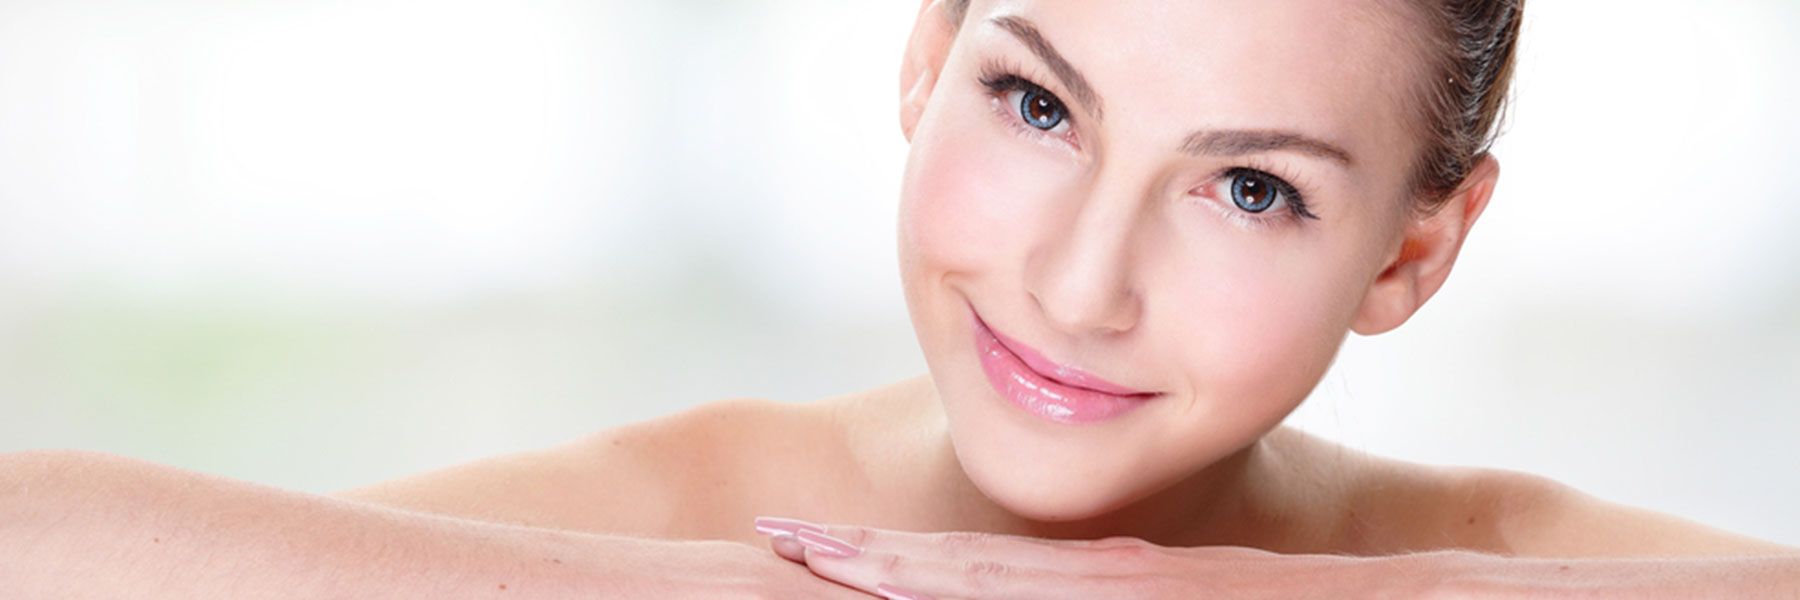 sedalia skin care services